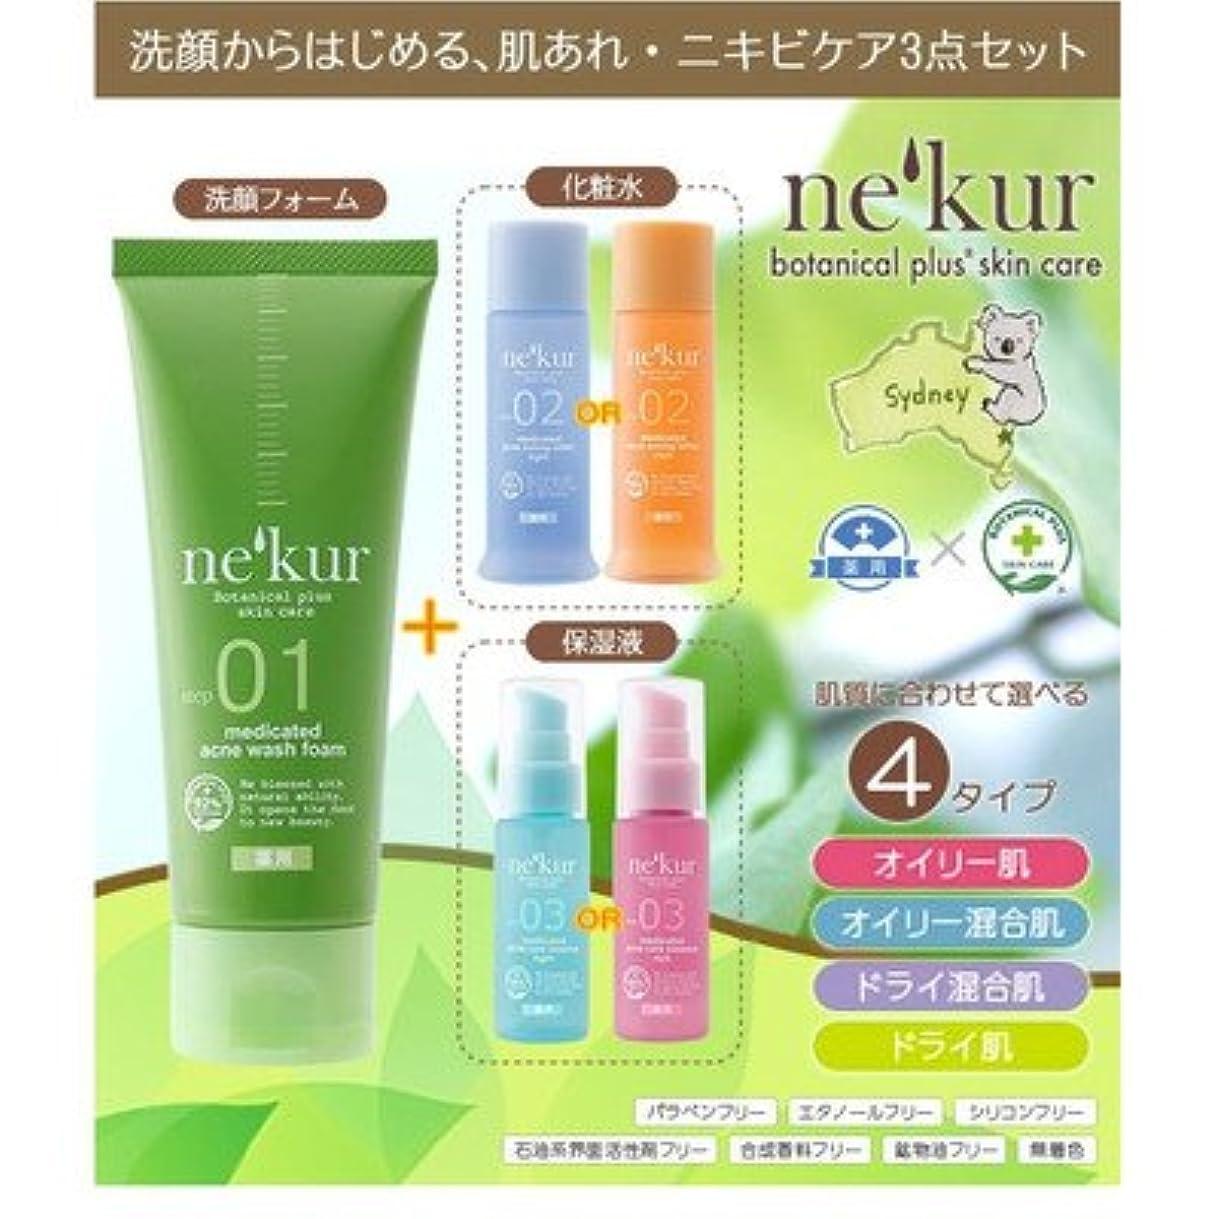 カルシウム塩辛い意気消沈したネクア(nekur) ボタニカルプラススキンケア 薬用アクネ洗顔3点セット ドライ混合肌セット( 画像はイメージ画像です お届けの商品はドライ混合肌セットのみとなります)